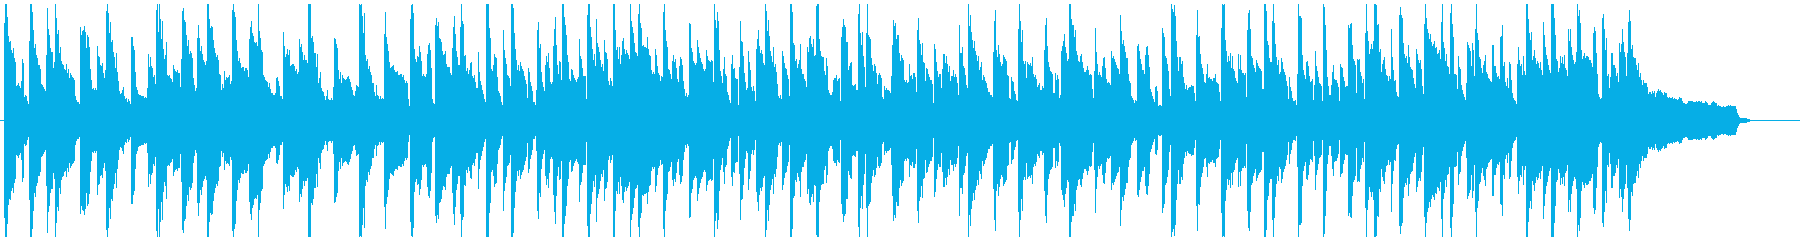 リコーダー、ゆるいカートゥーン系ブルースの再生済みの波形